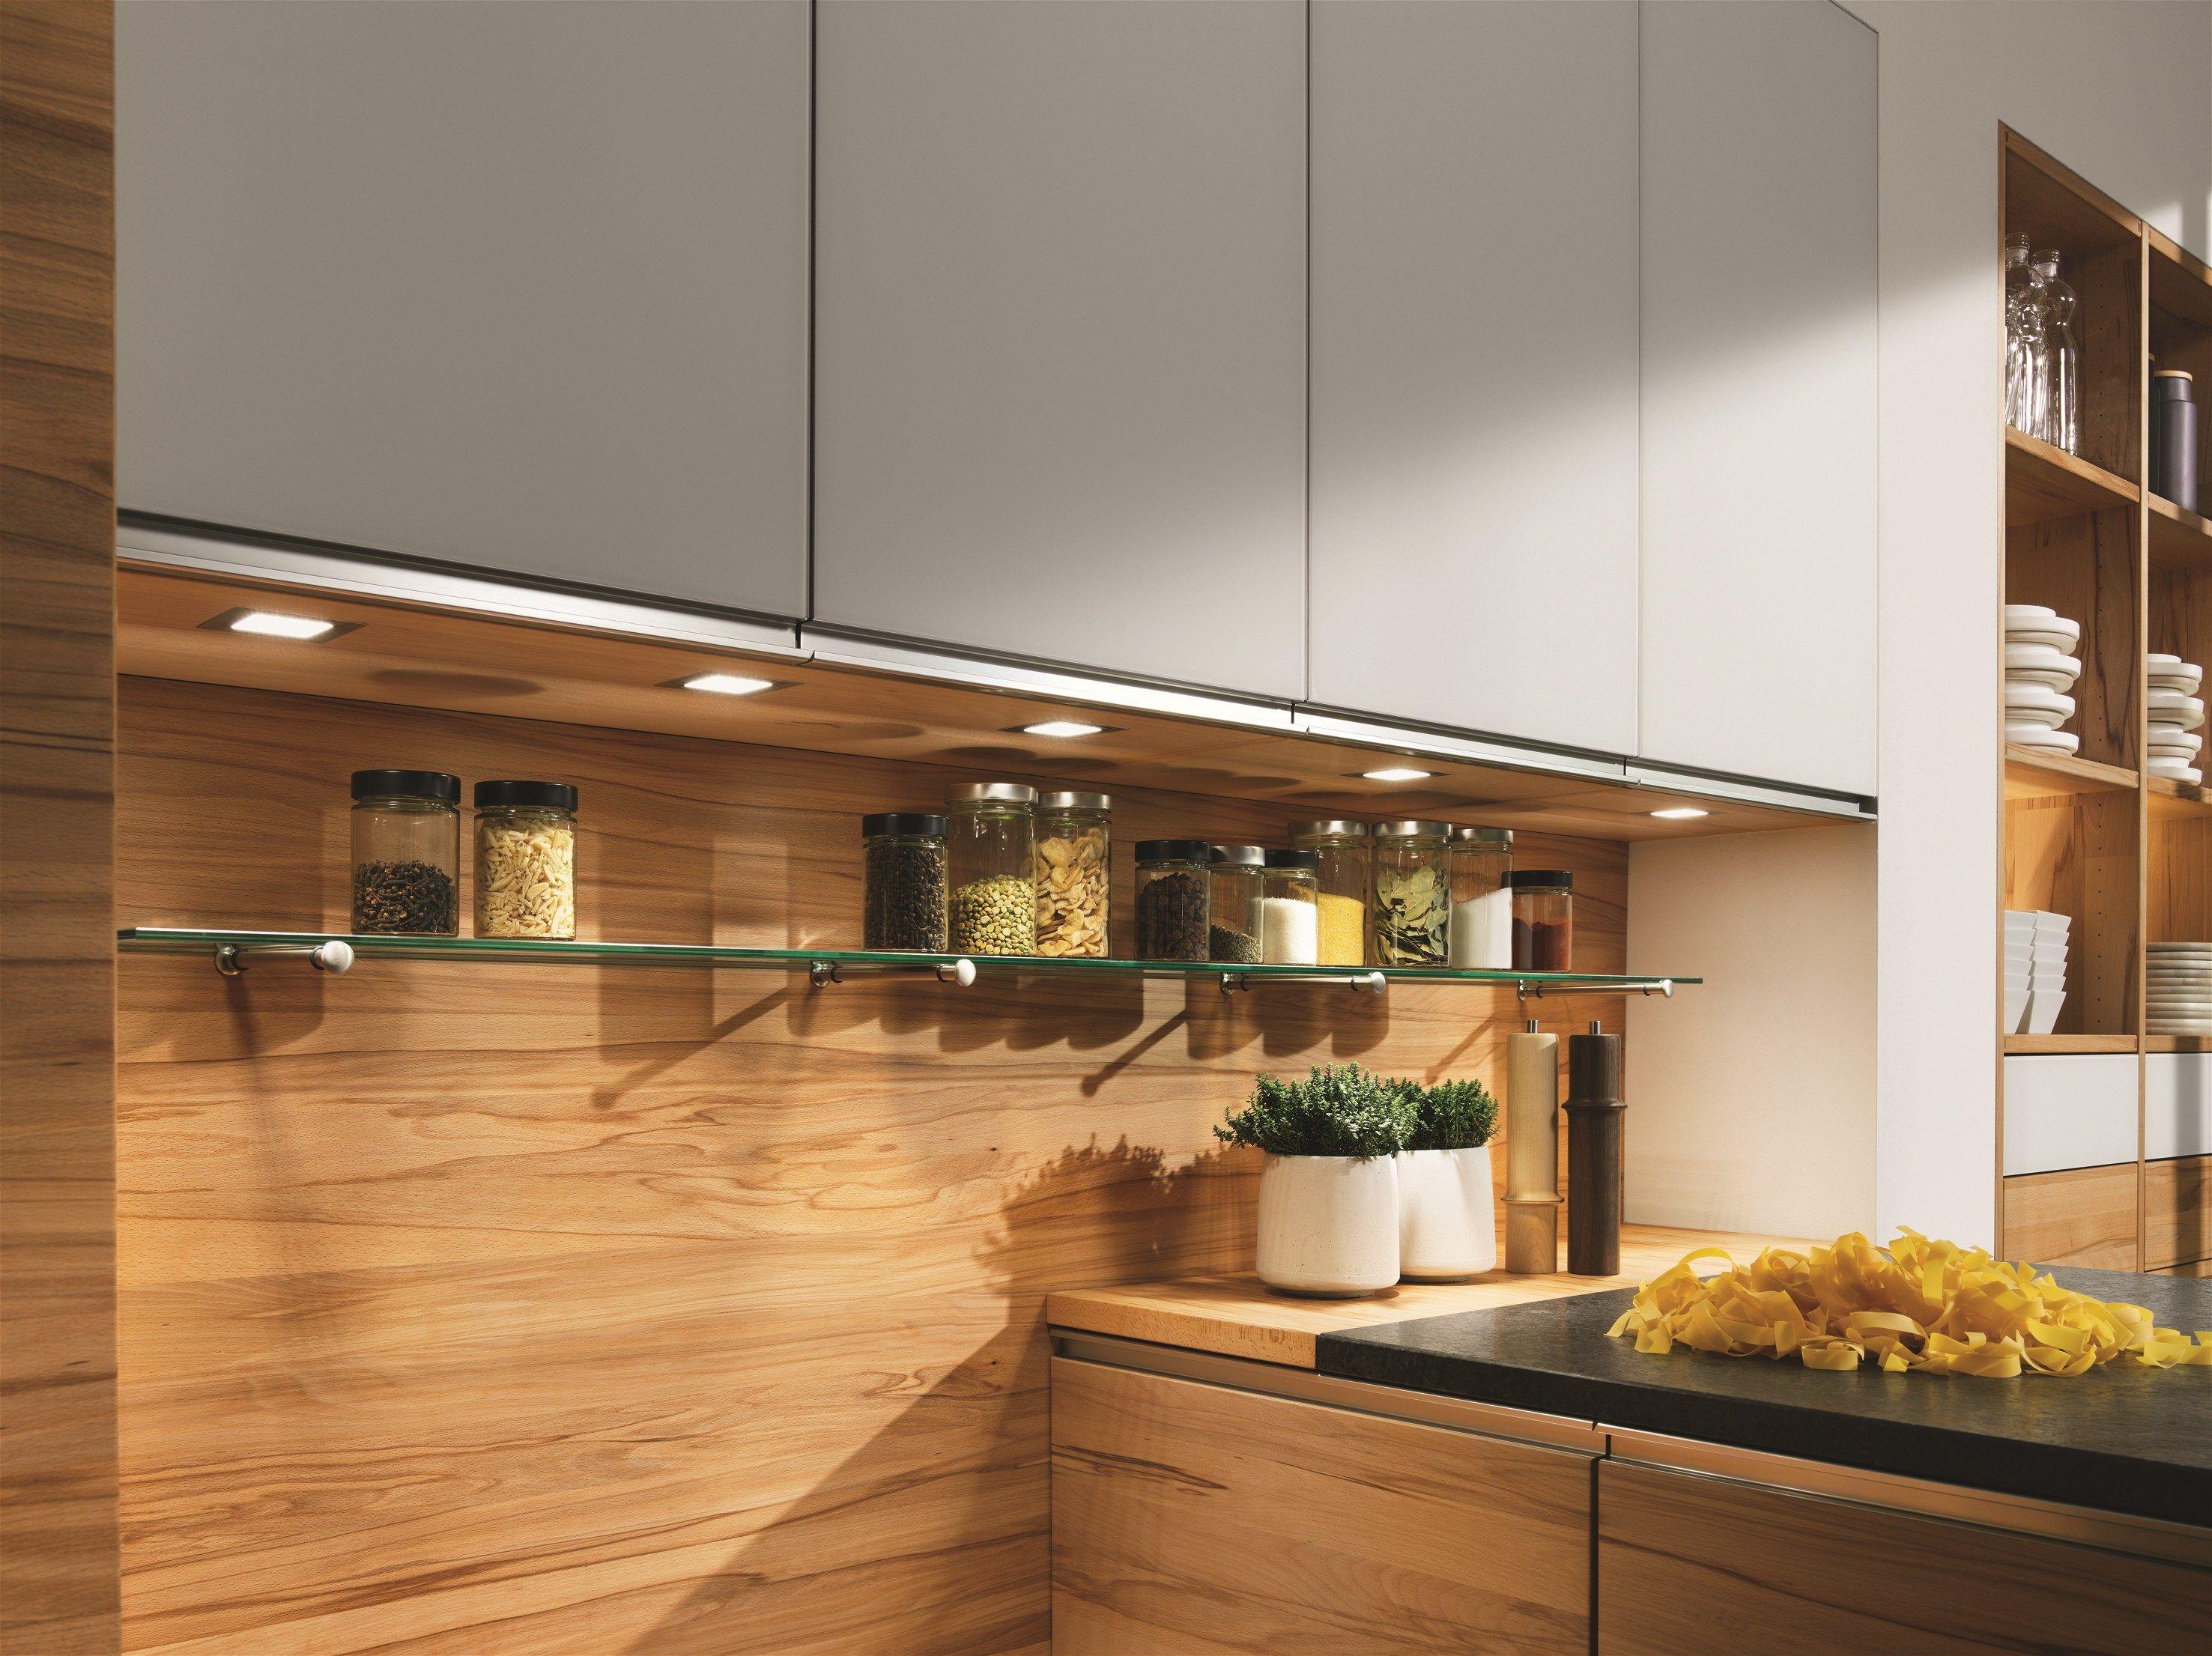 Cocina Integral De Madera Maciza Linee By Team 7 Naturlich Wohnen Cocinas Integrales De Madera Diseno De Cocina Moderna Diseno De Cocina